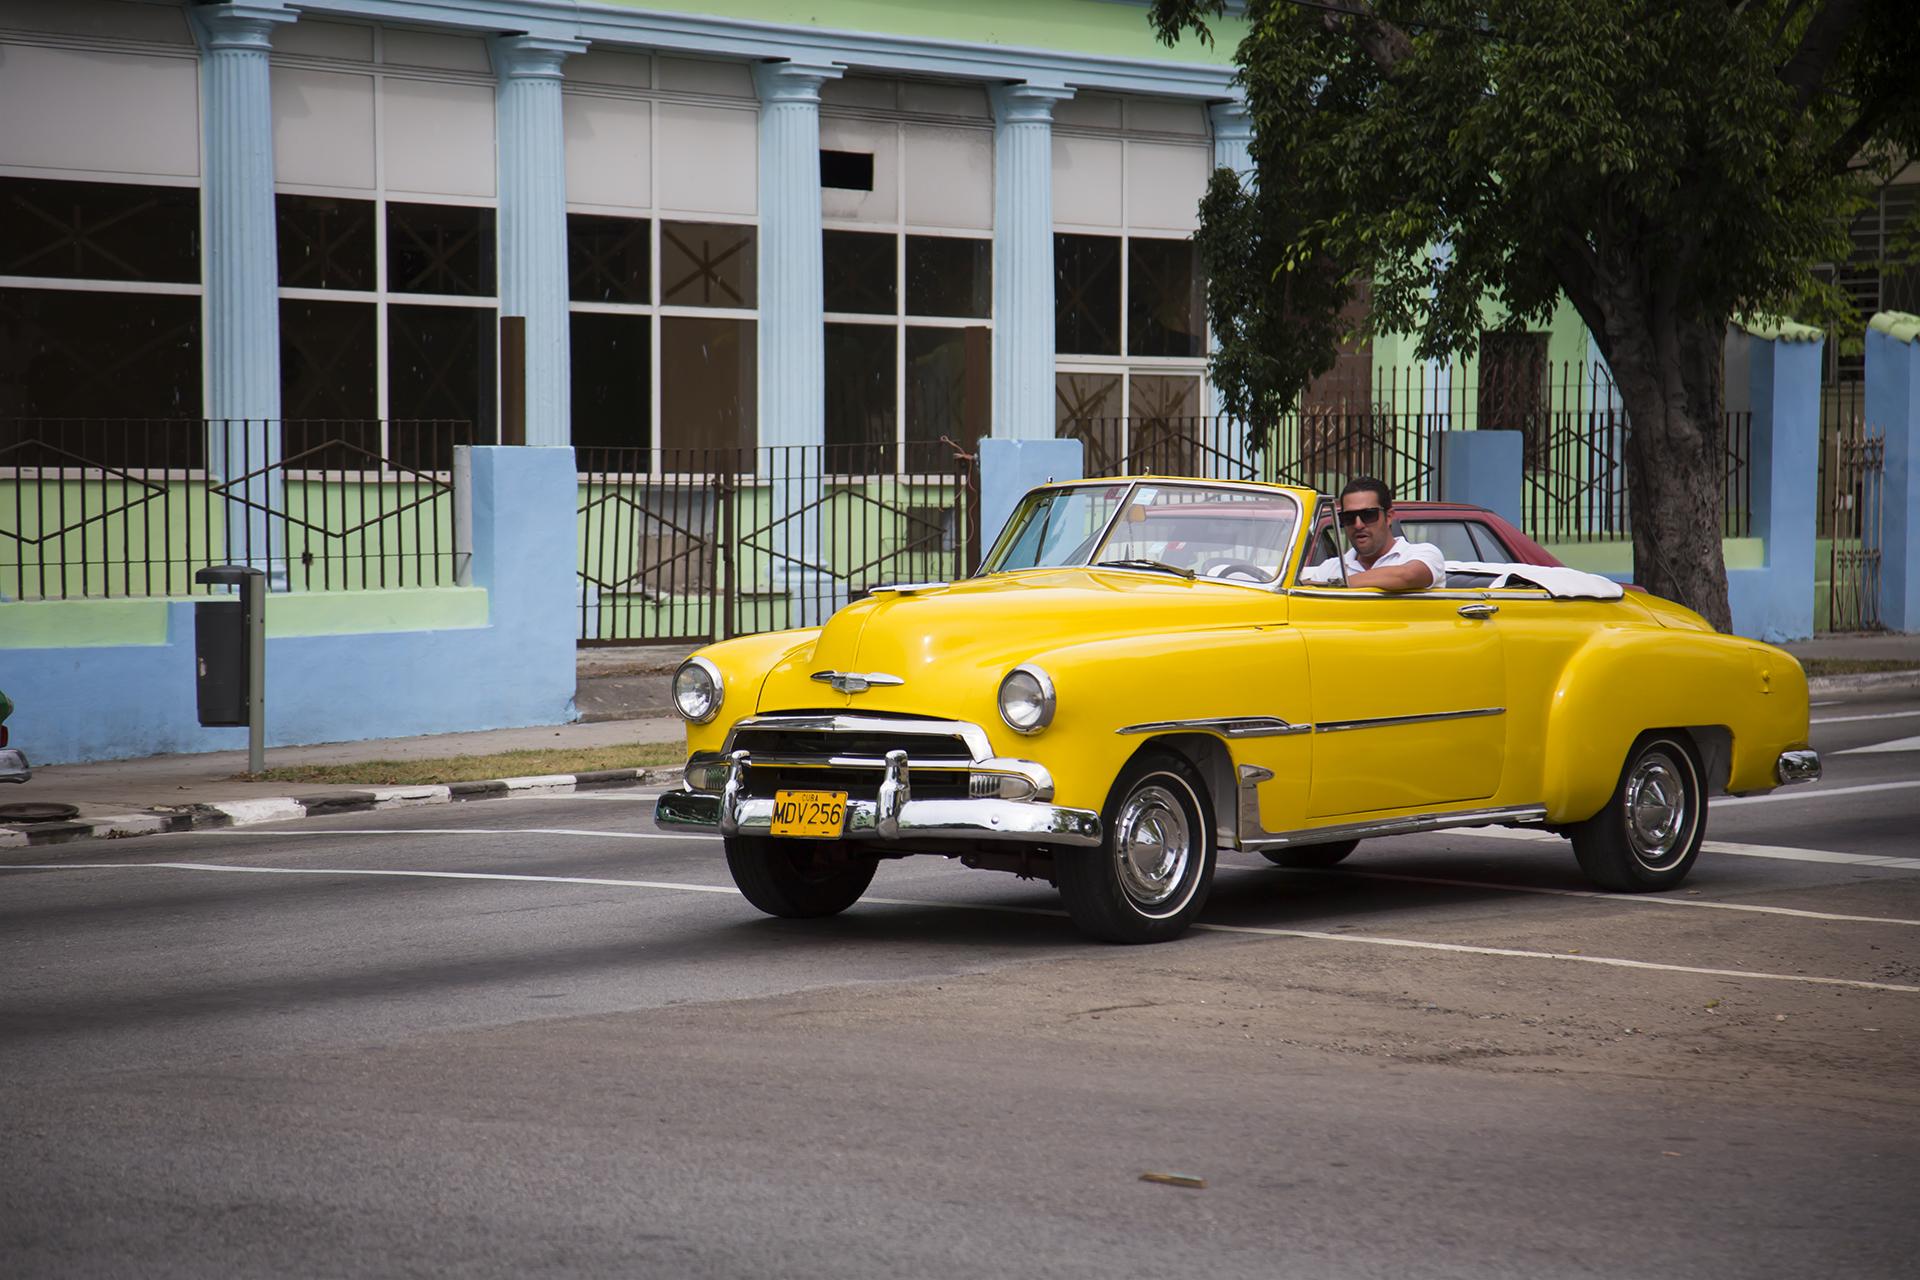 2013 - Cienfuegos, Cuba